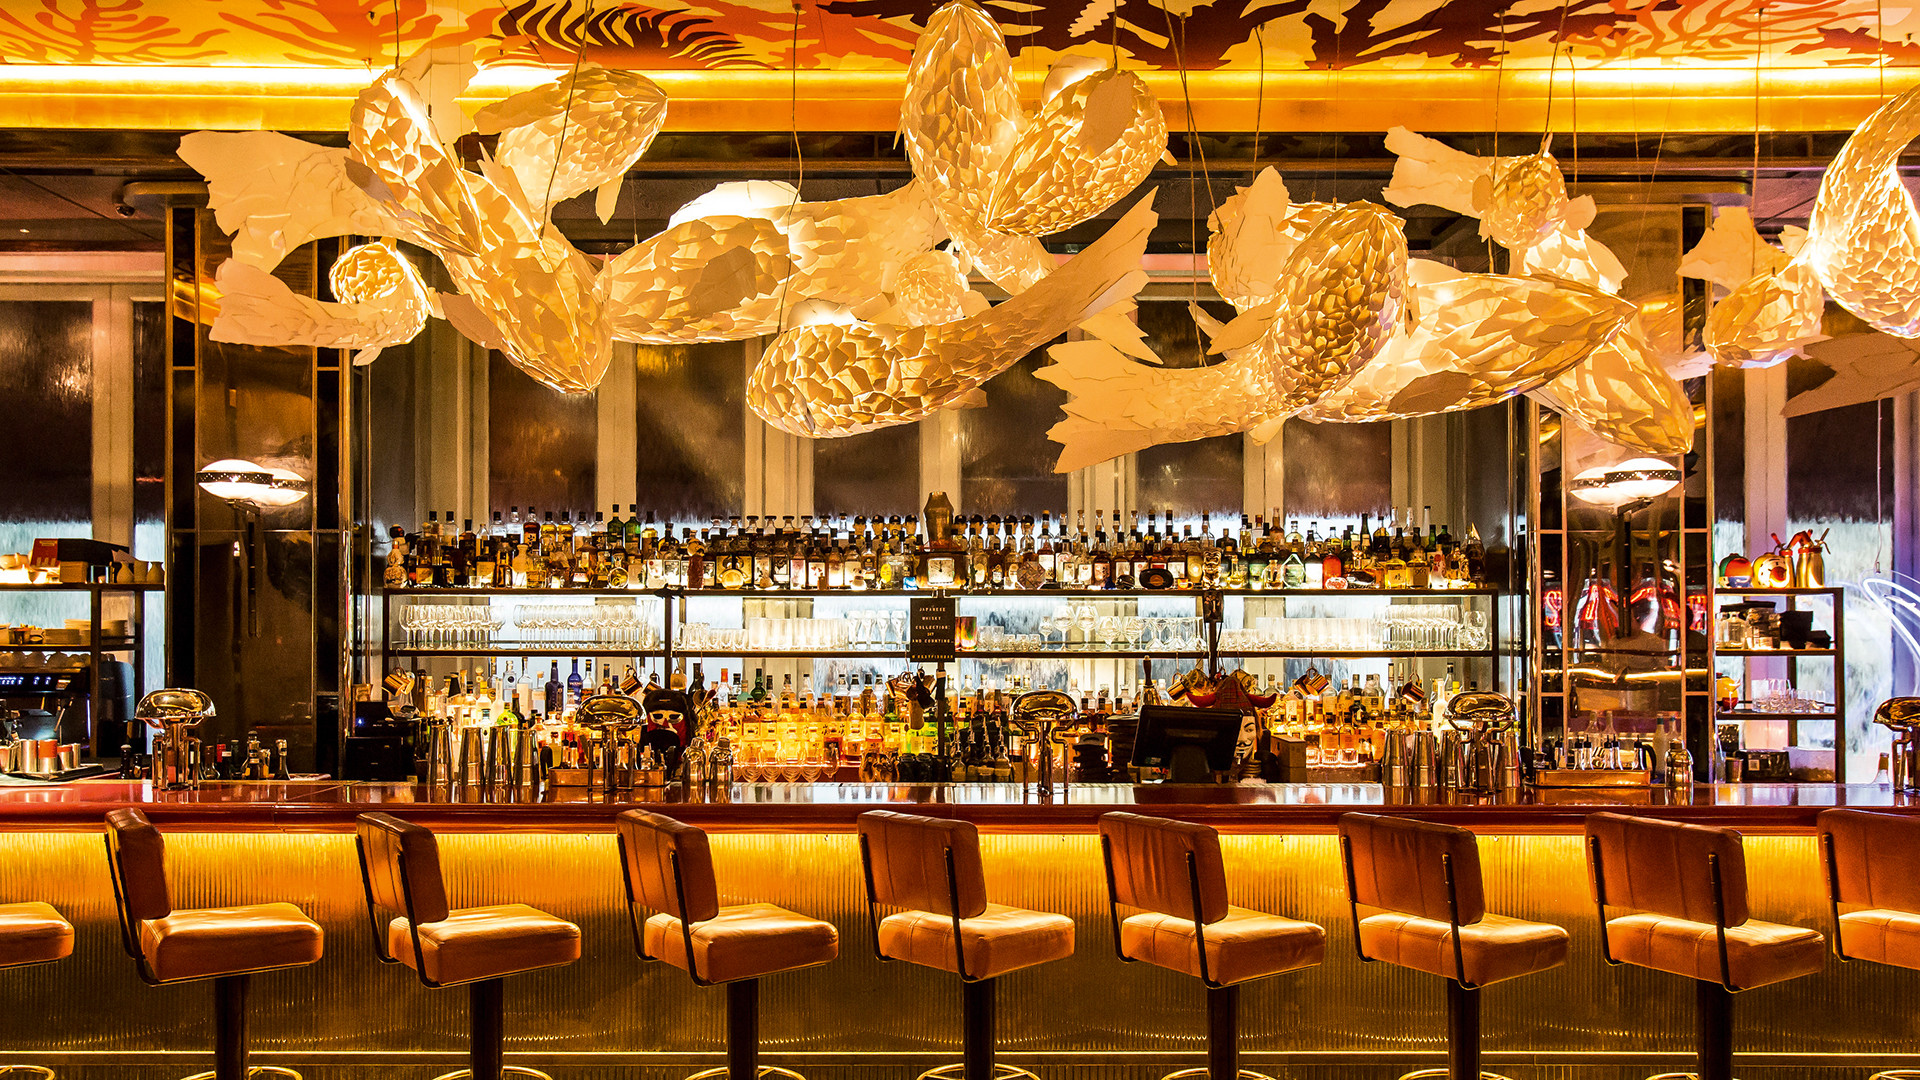 The bar at Sexy Fish, Mayfair